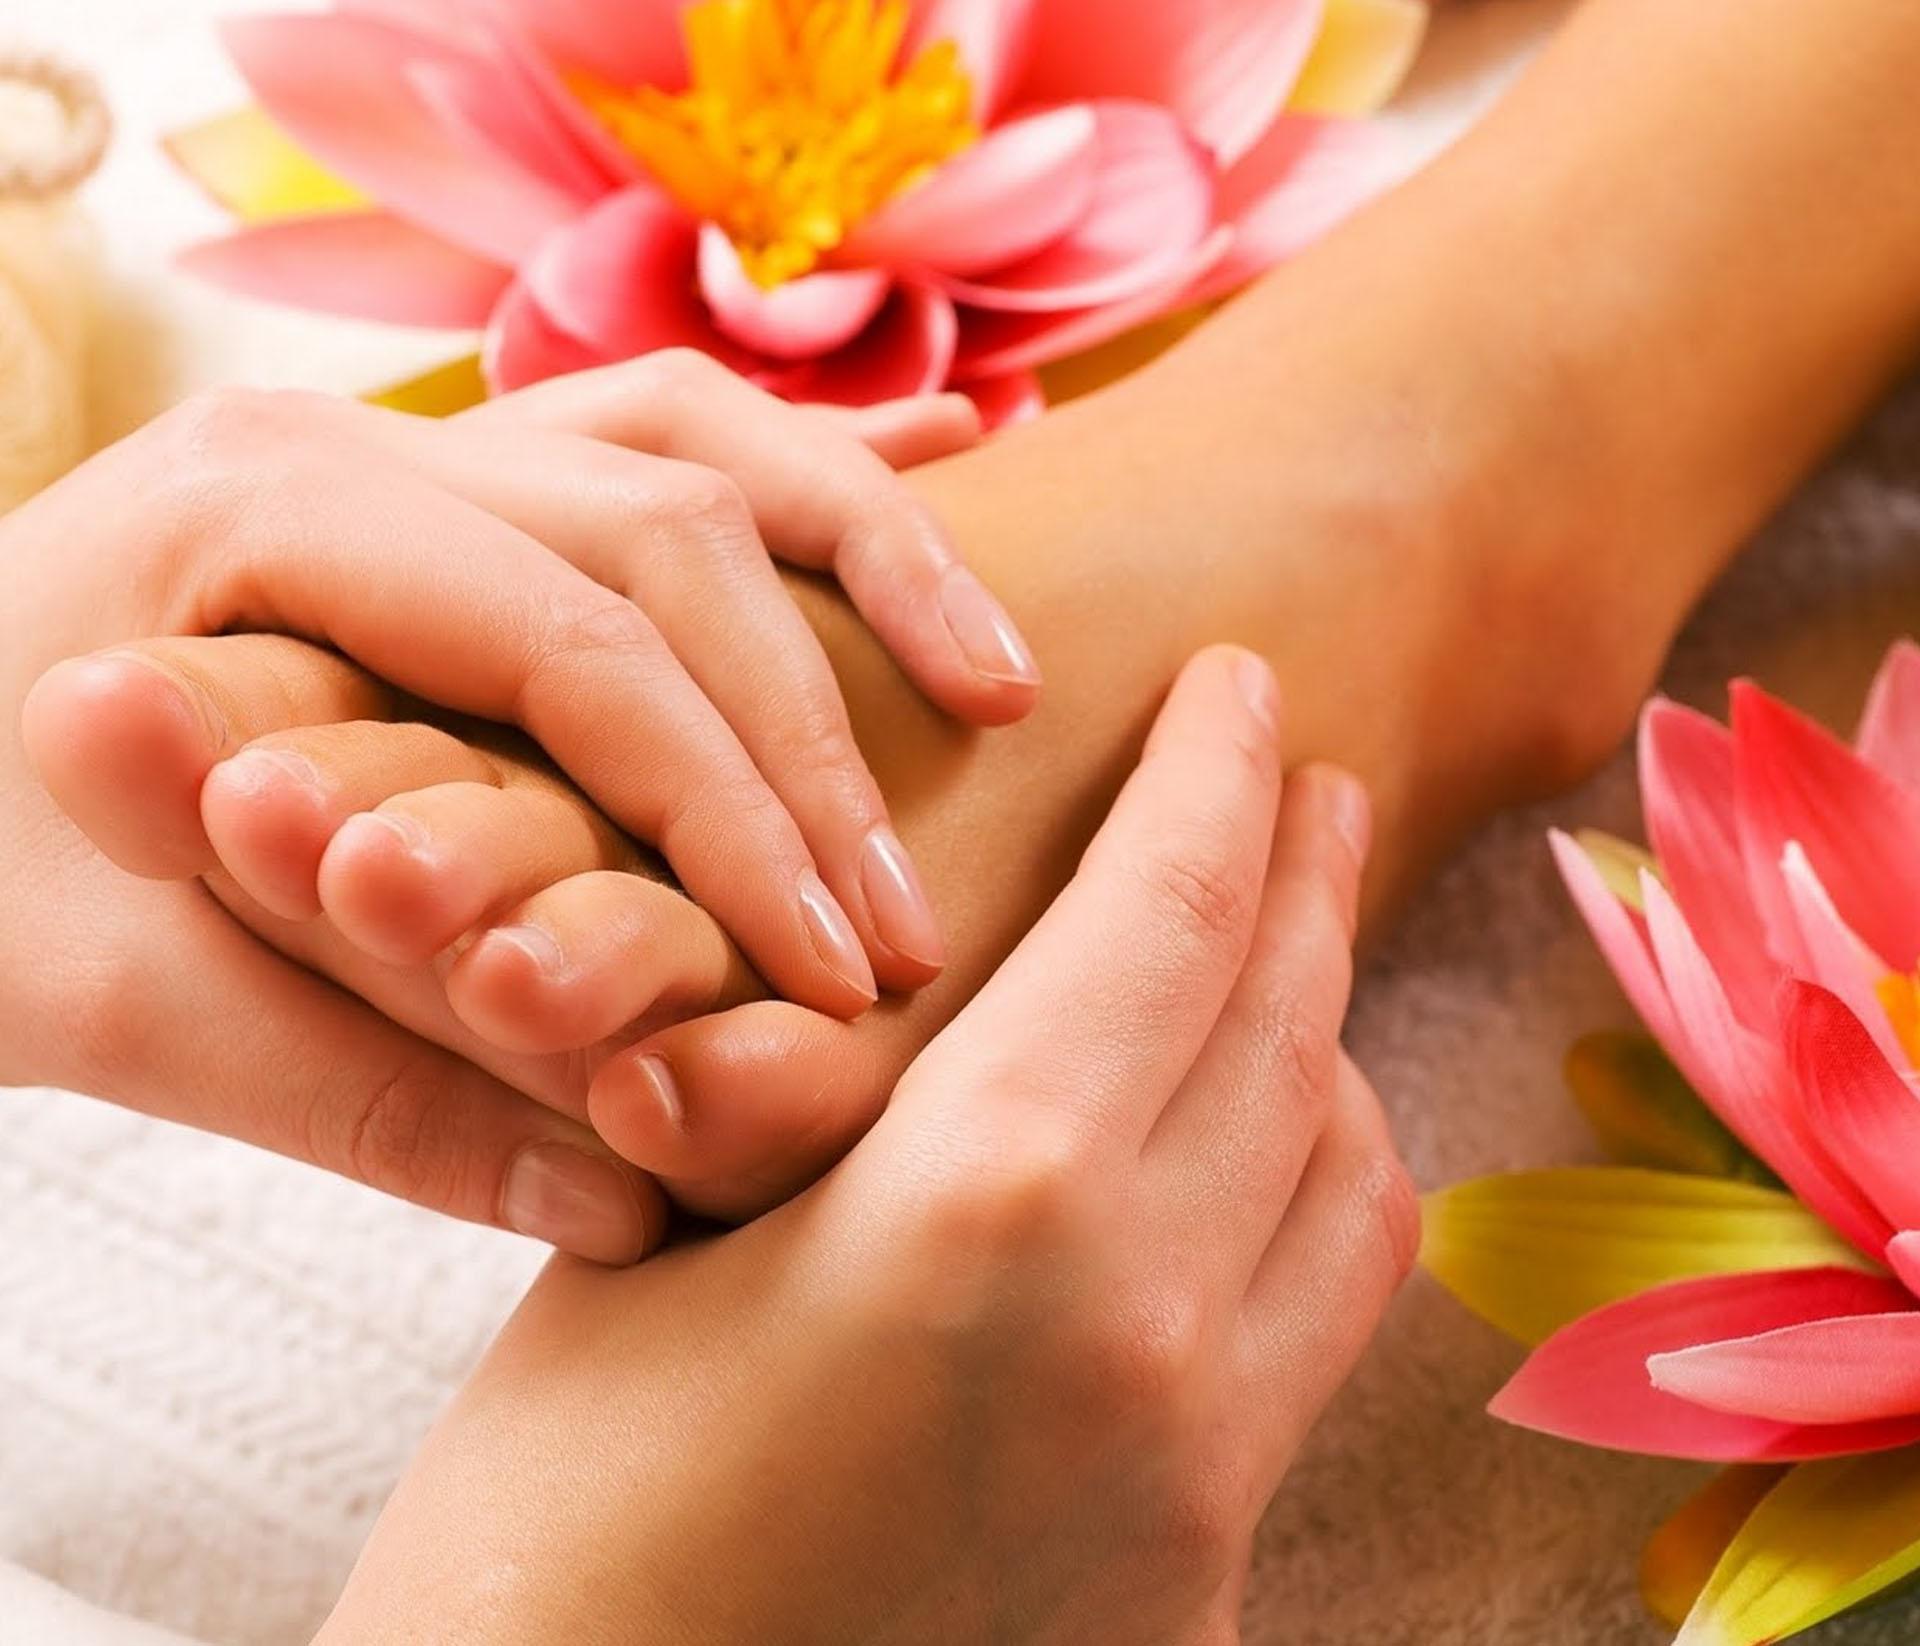 Se relâcher et oublier les urgences de la vie avec le massage érotique